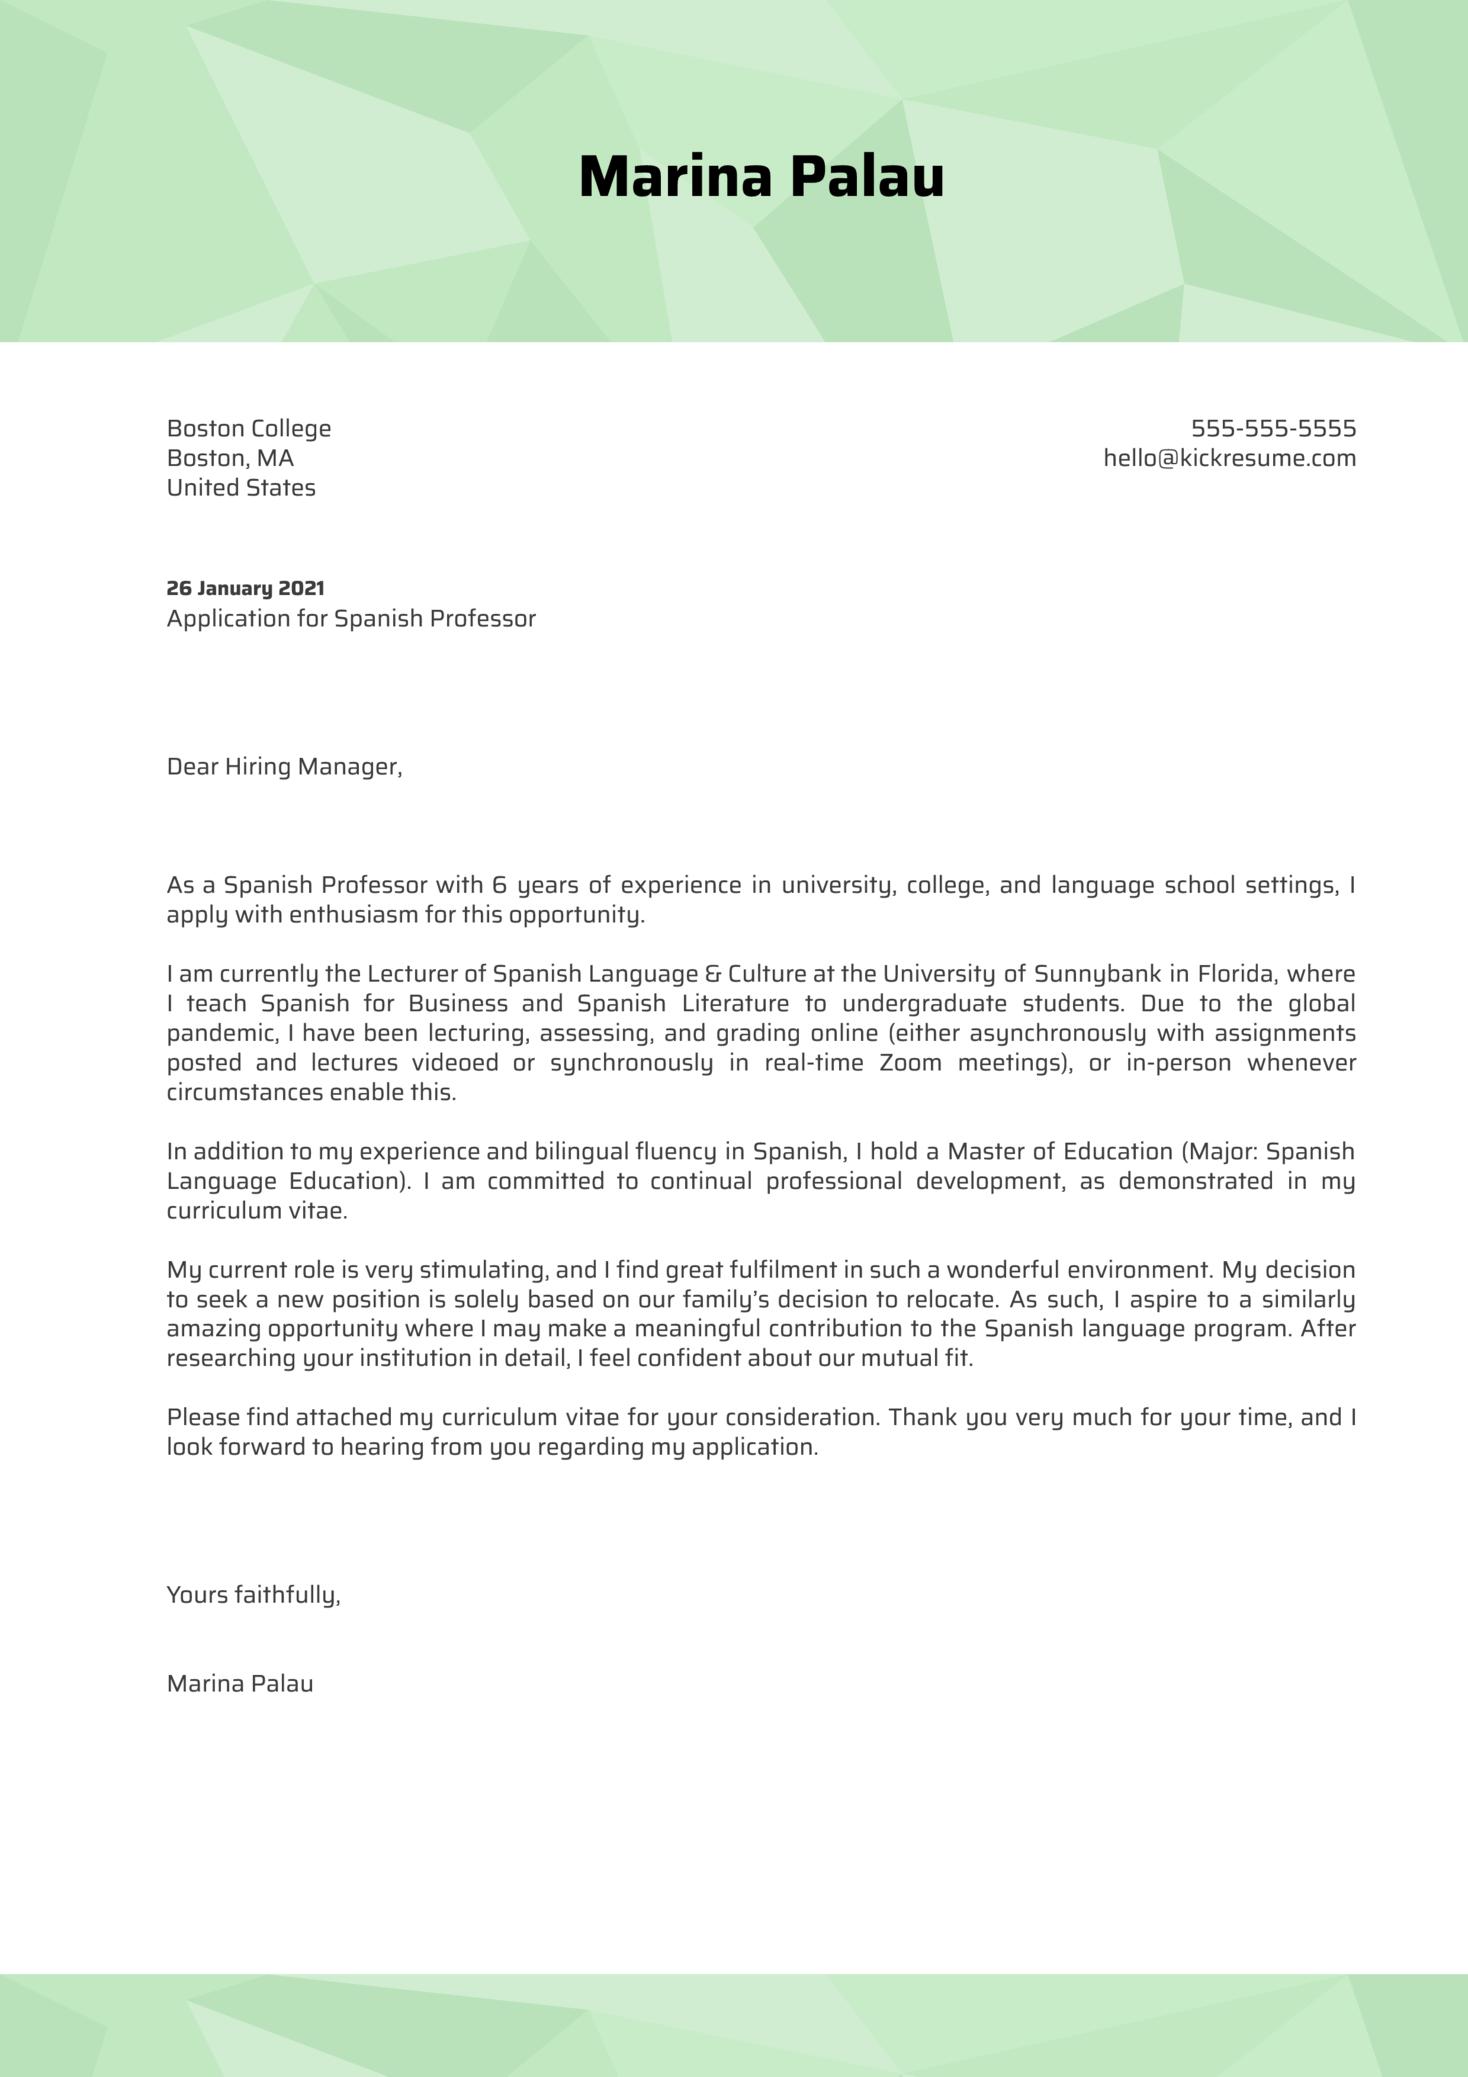 Spanish Professor Cover Letter Template